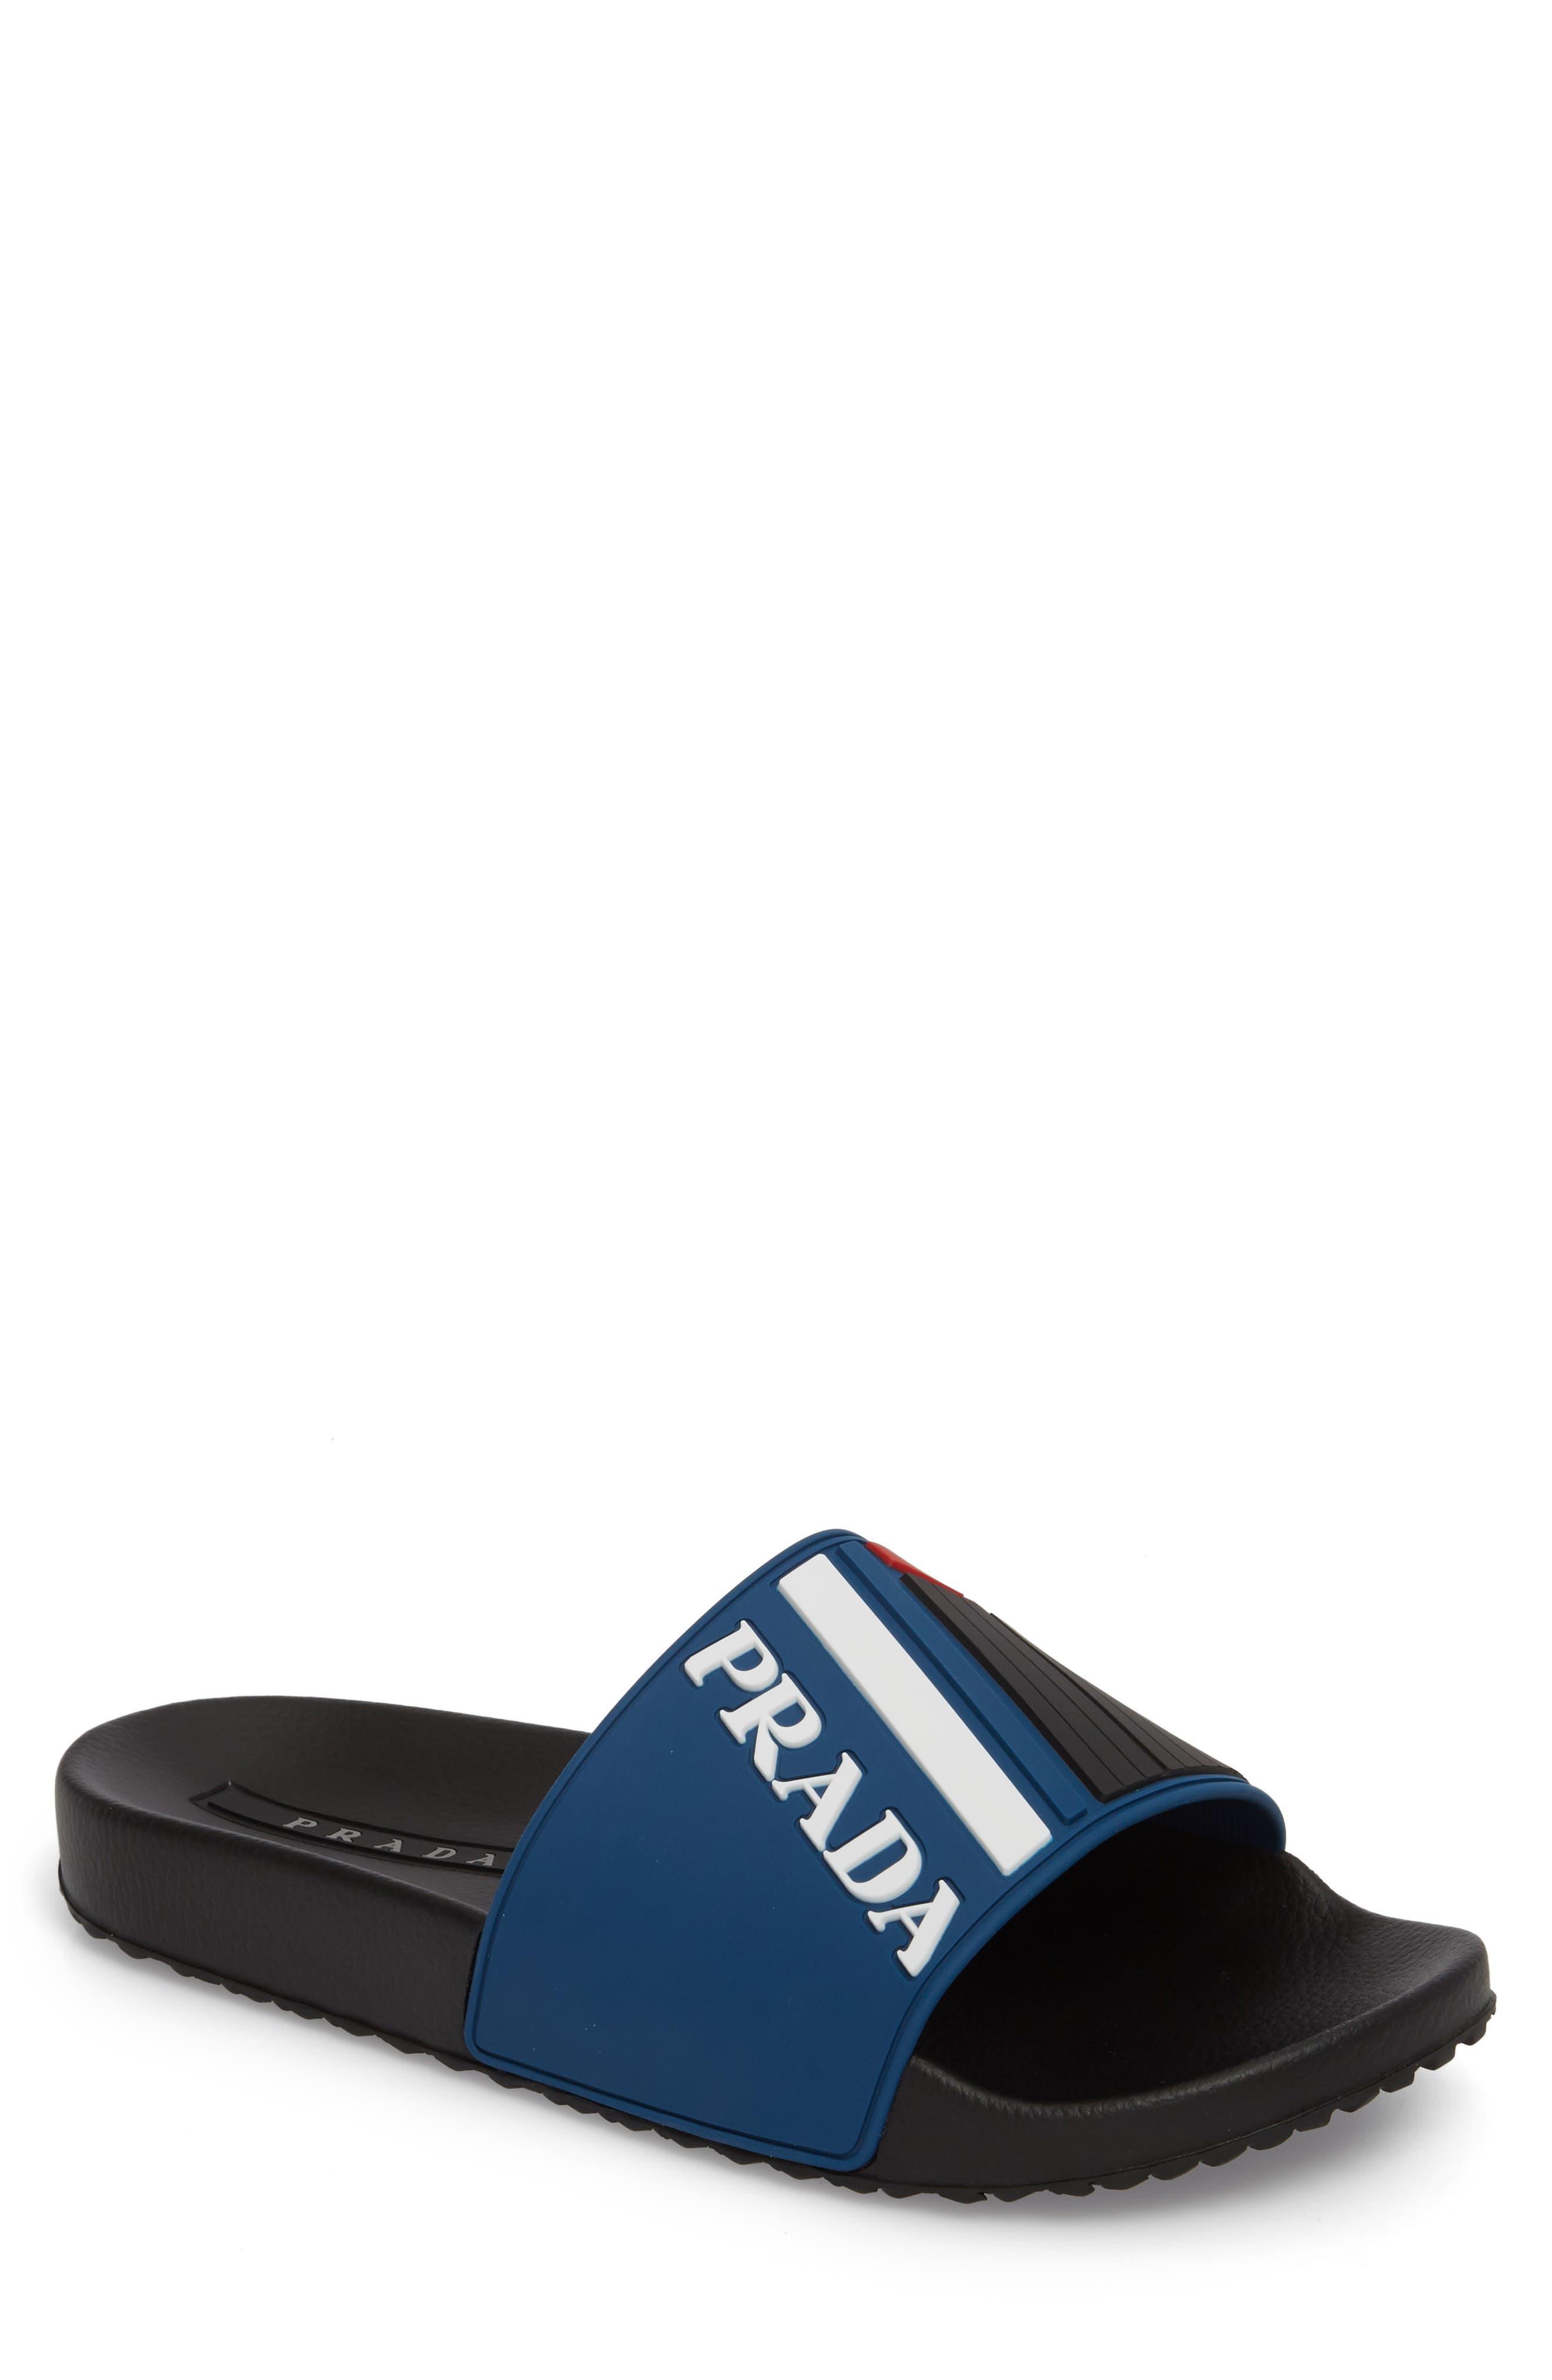 Alternate Image 1 Selected - Prada Linea Rossa Logo Slide Sandal (Men)